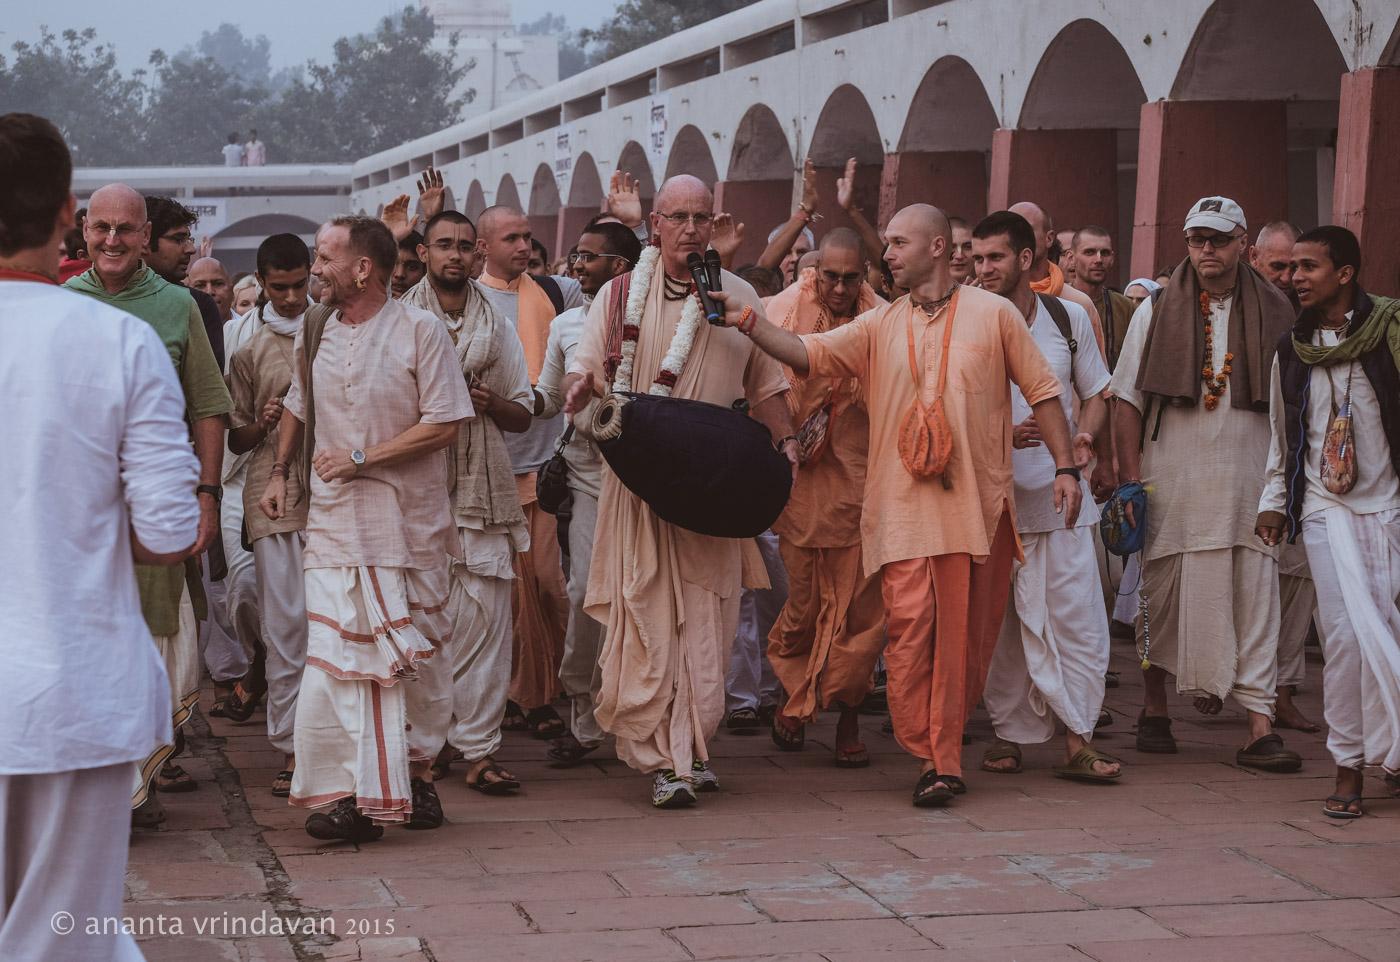 HH Indradyumna Swami leading Sankirtana at Kurukshetra